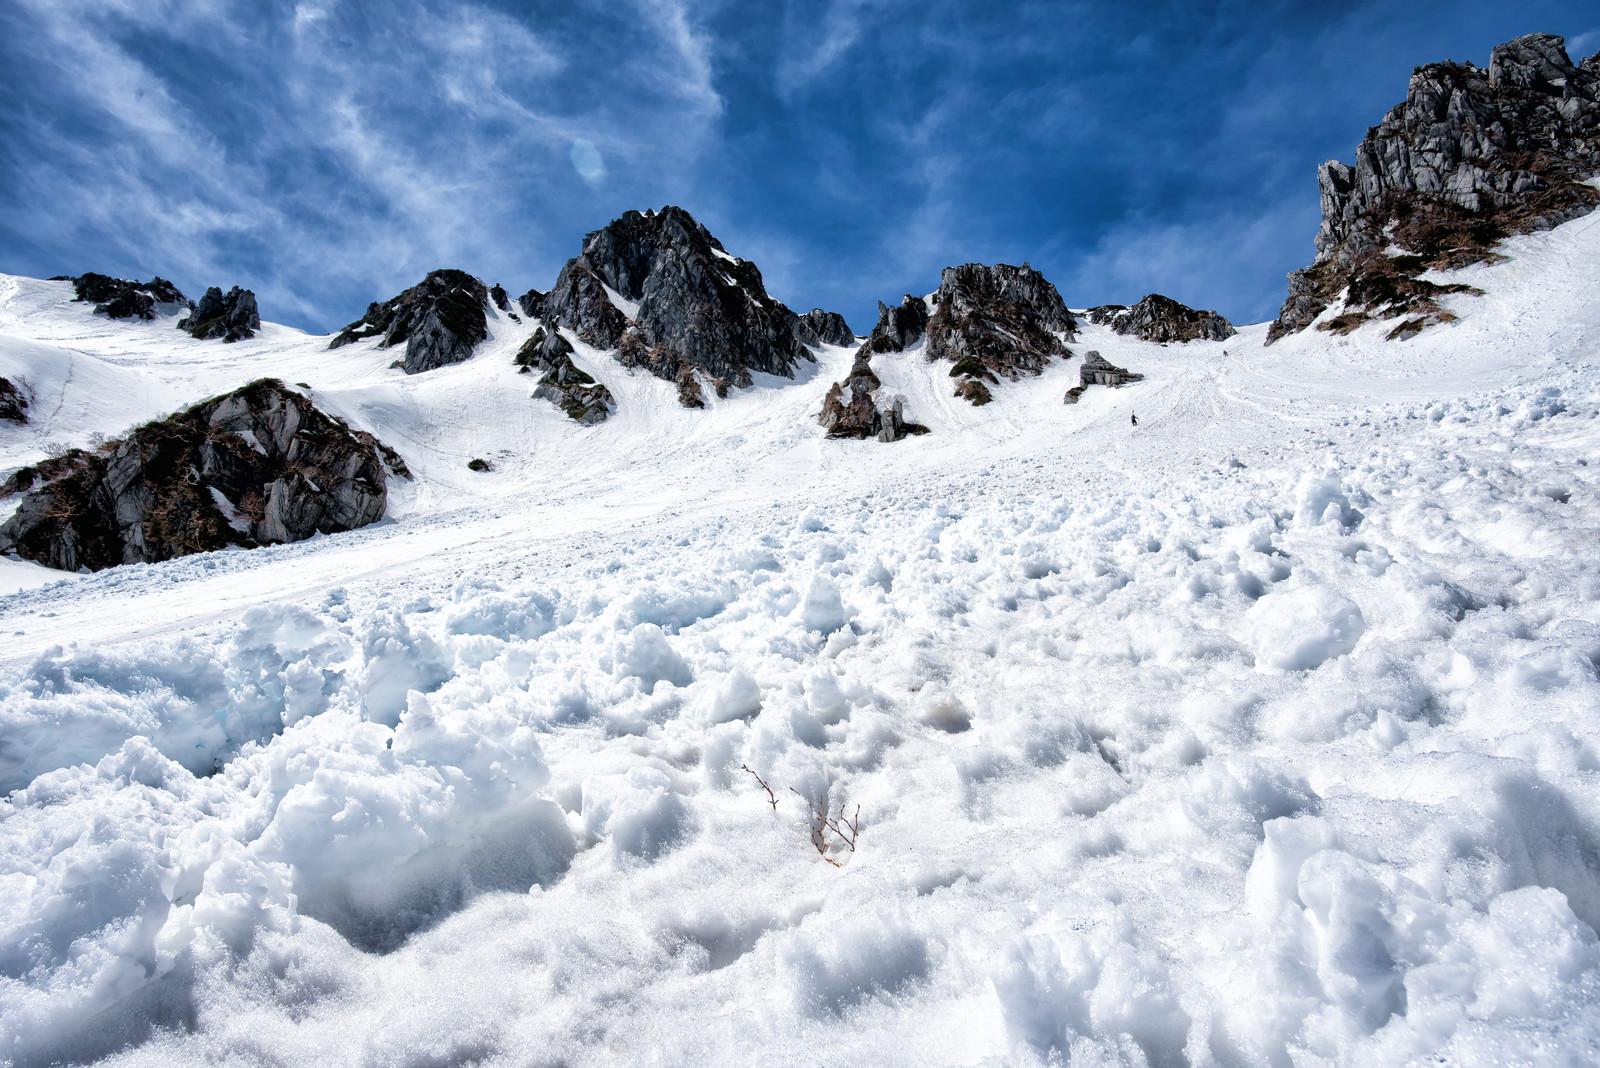 「雪崩跡に鋭く突き出す岩」の写真